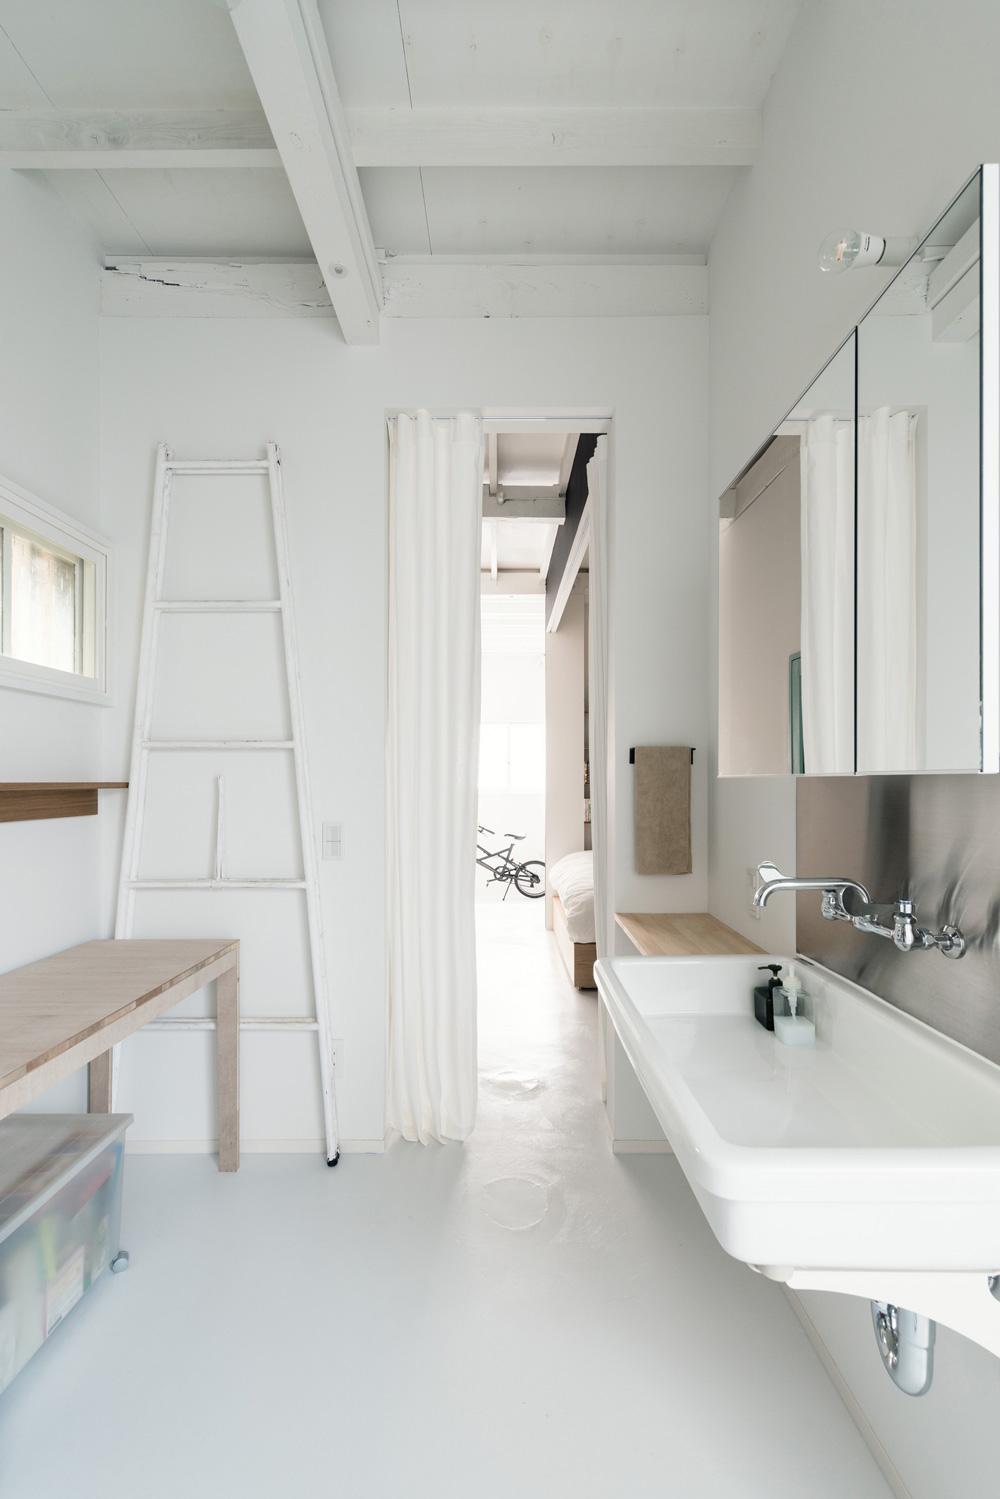 Re-Toyosaki / Coil Kazuteru Matumura Architects (16)